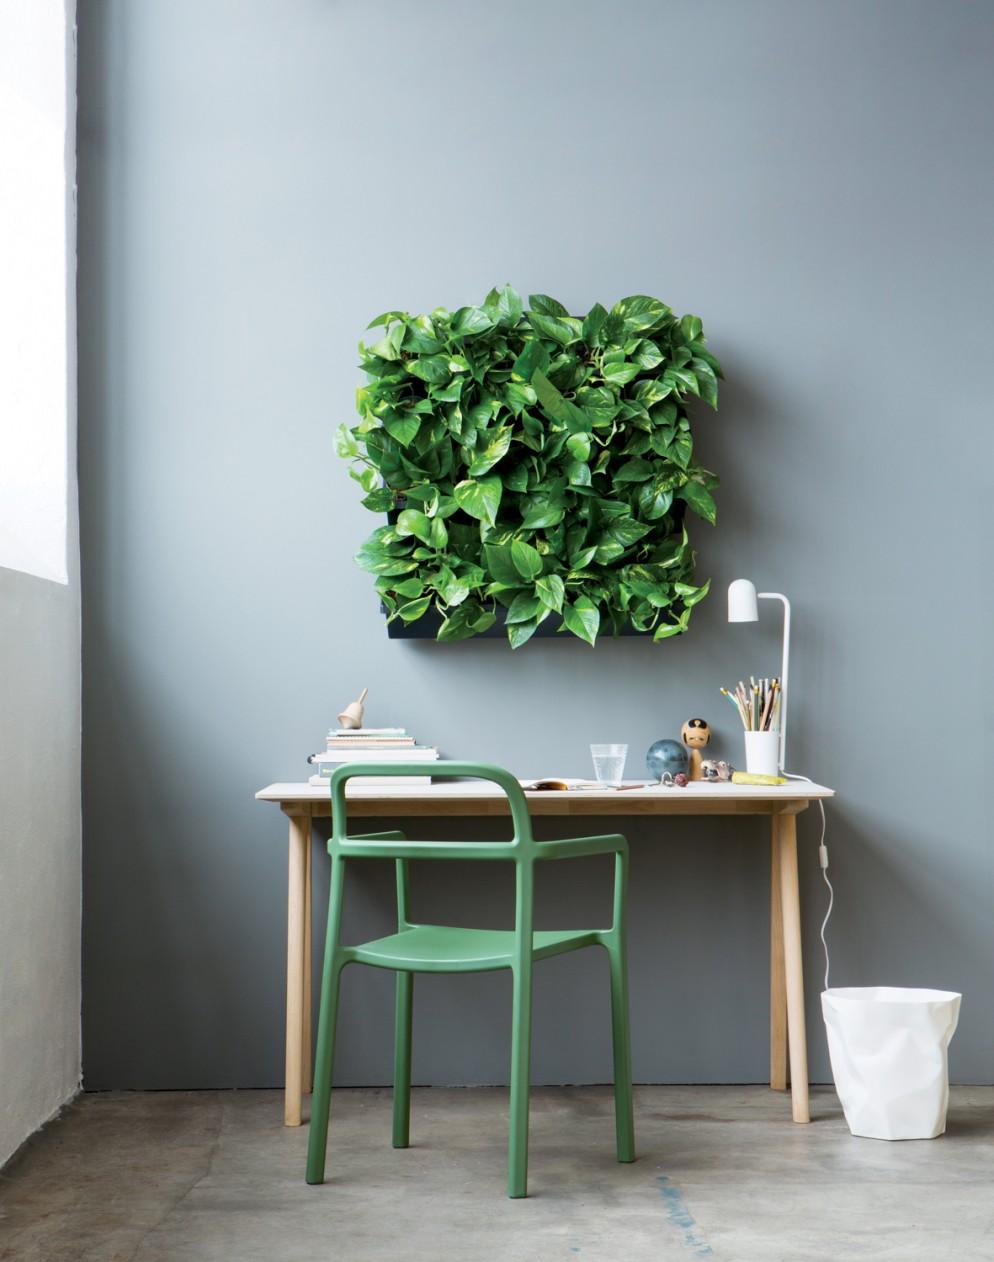 arredare-con-le-piante- 9. @ Forest air -living-corriere